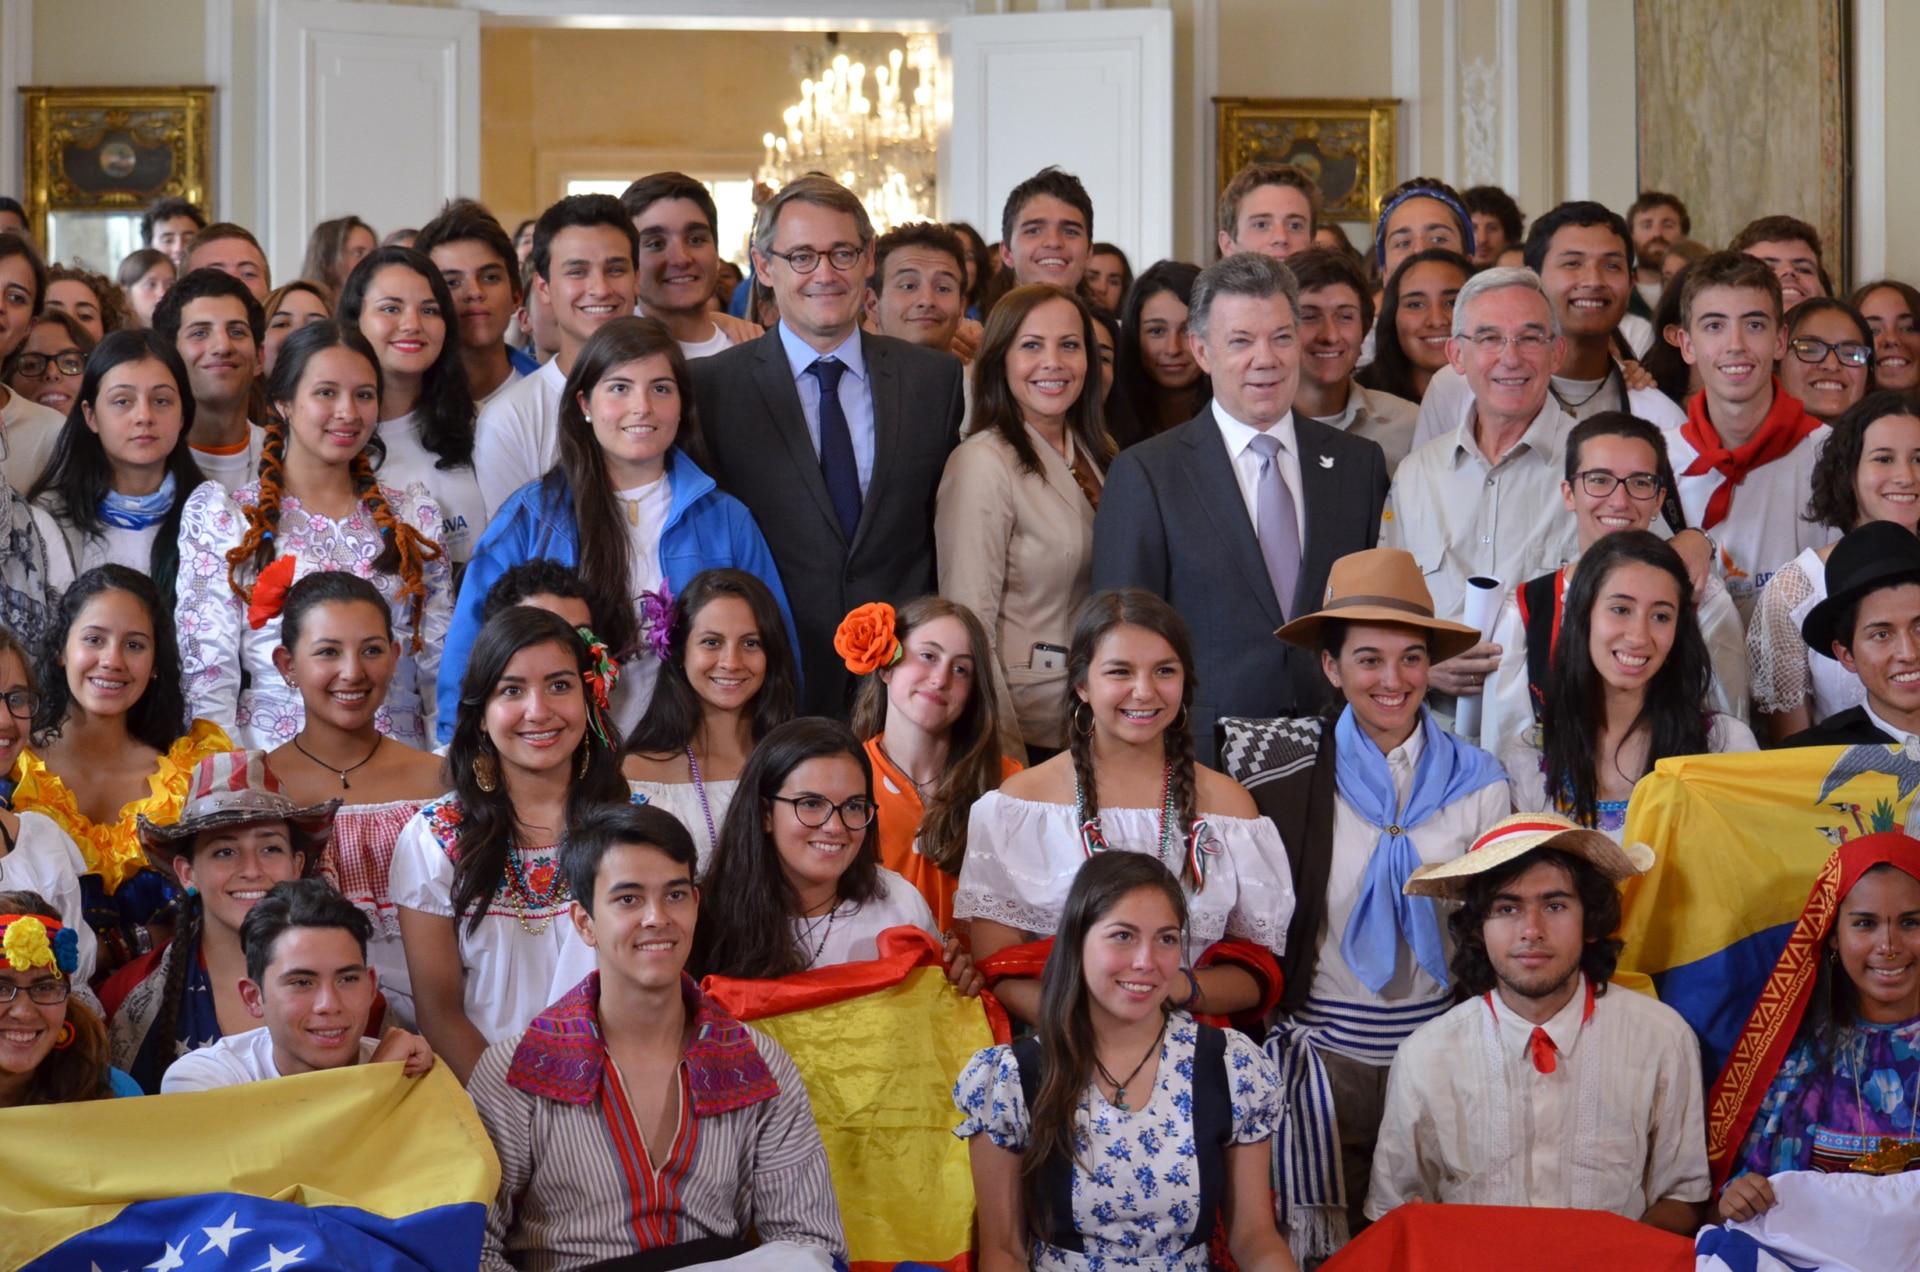 Fotografía de ruteros en Bogotá con el Presidente de la República, Juan Manuel Santos